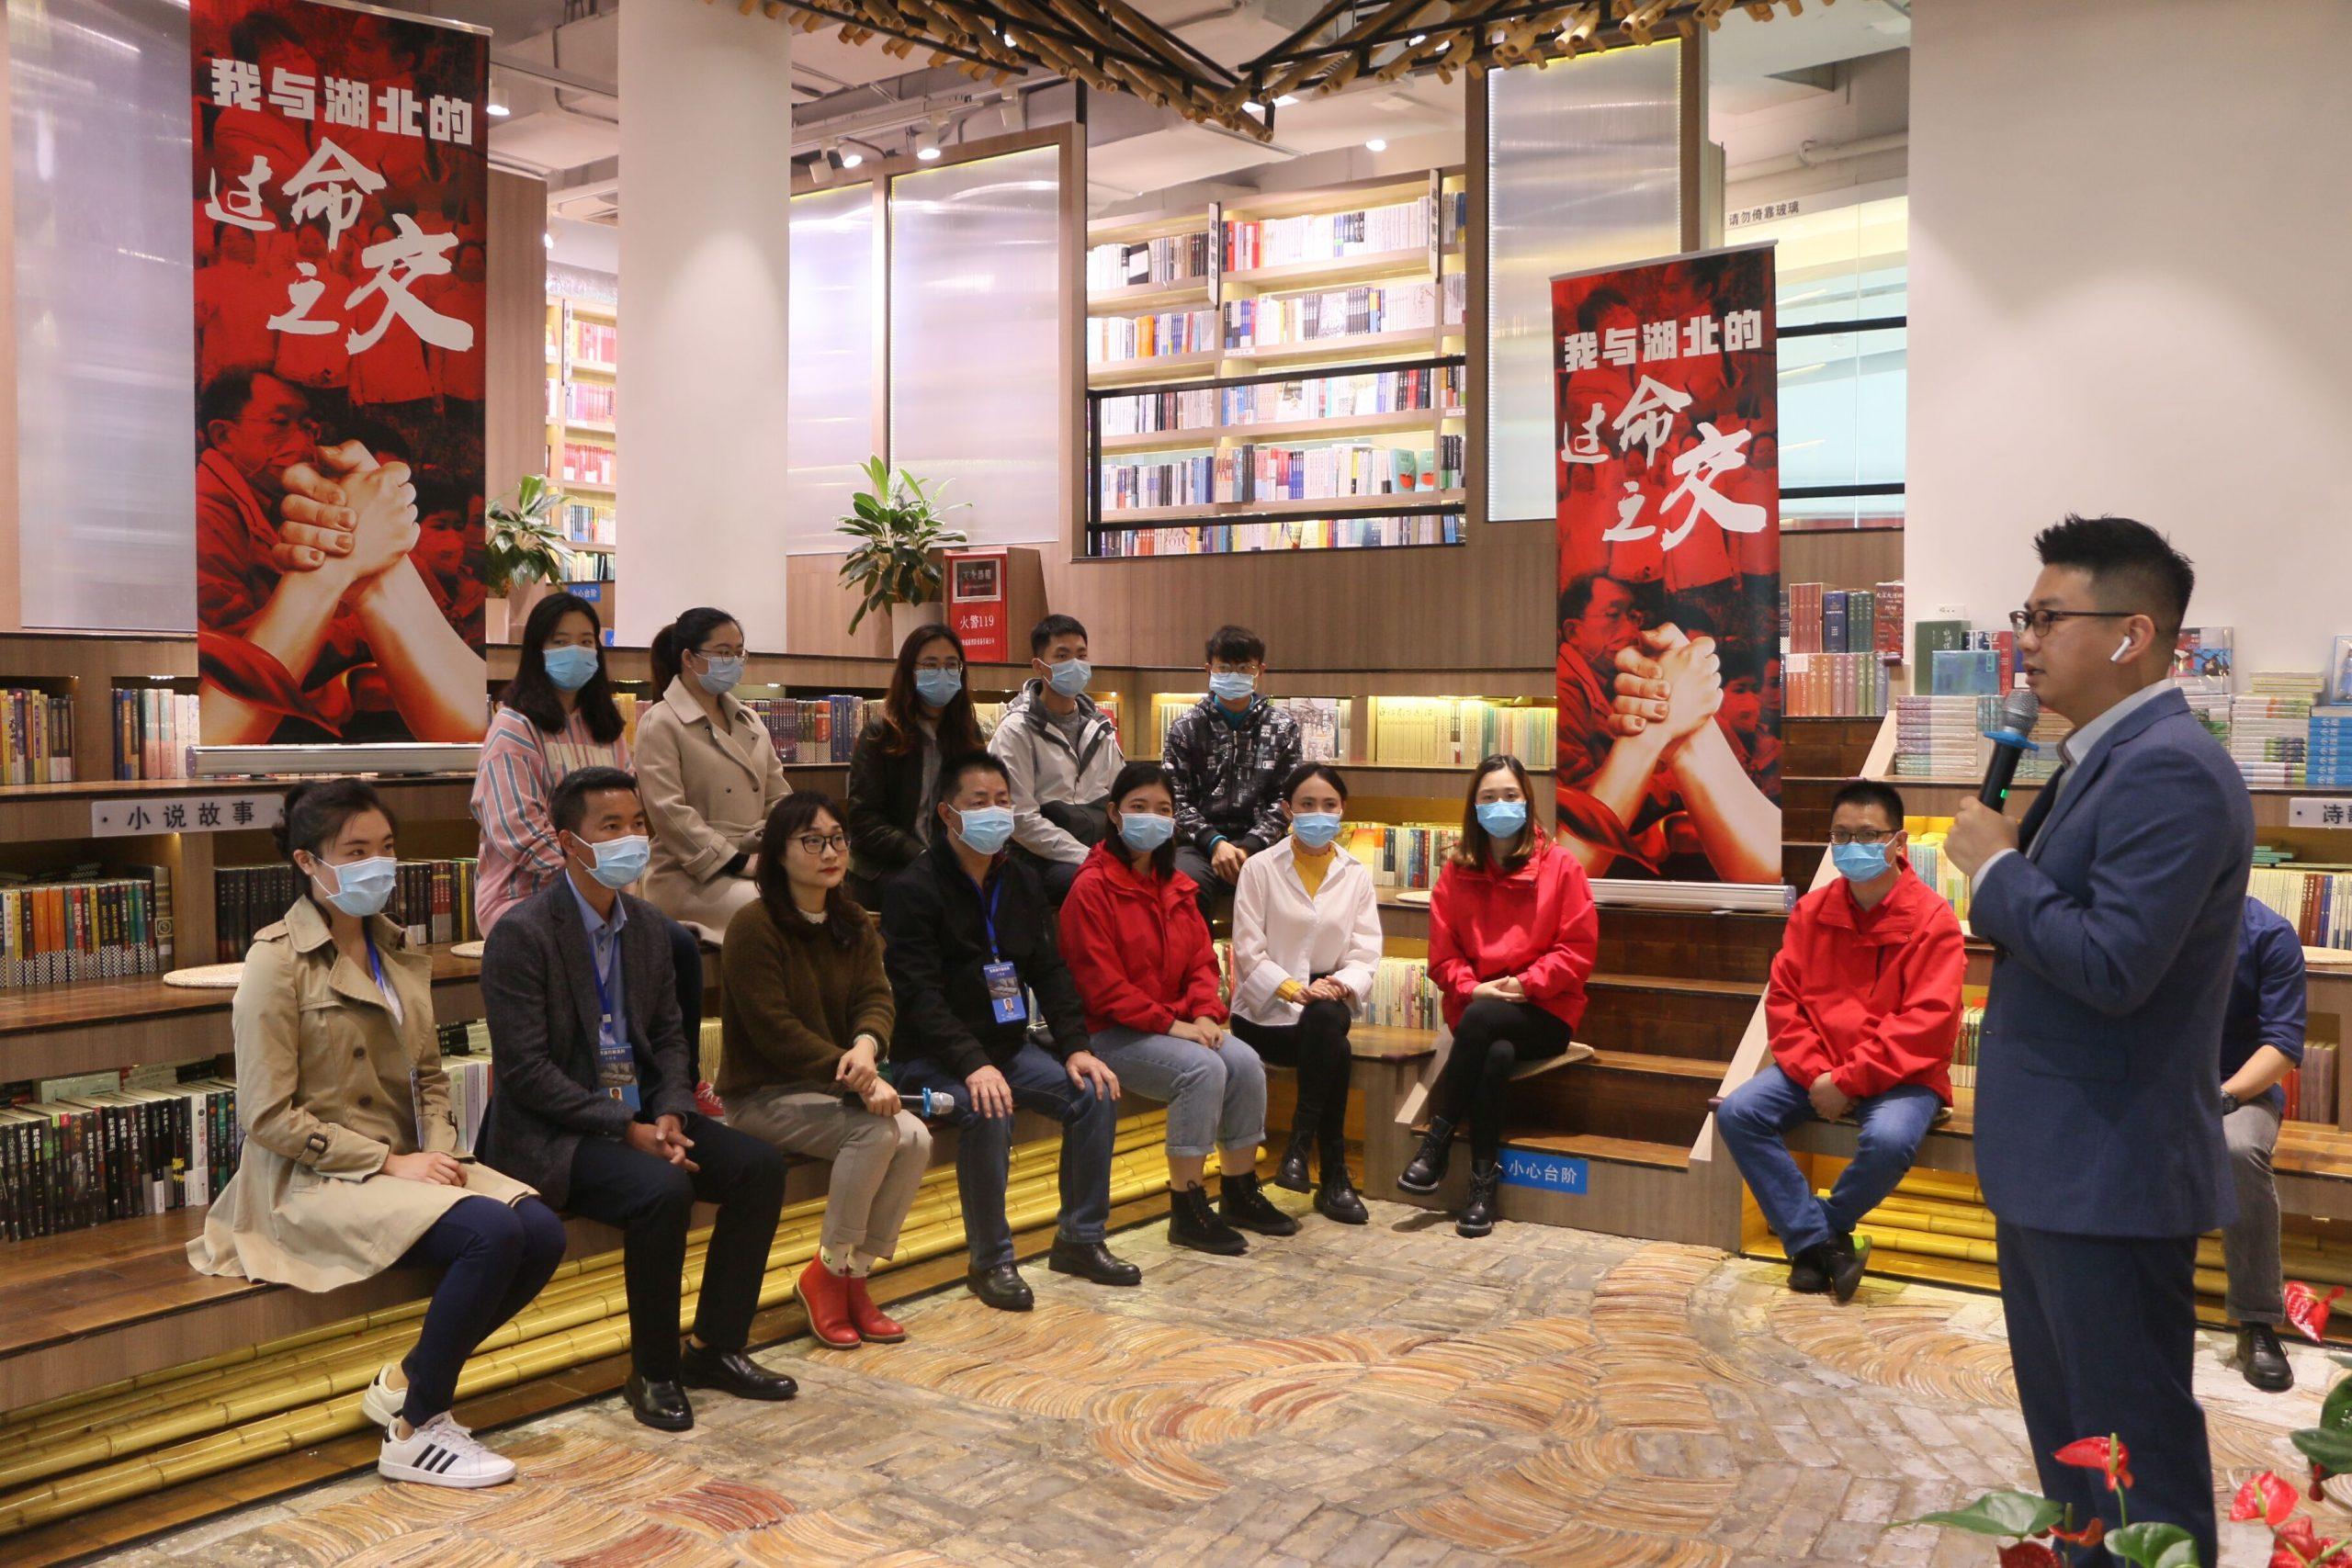 一年636场活动引客到店——珠海市新华书店传递大湾区多元文化魅力